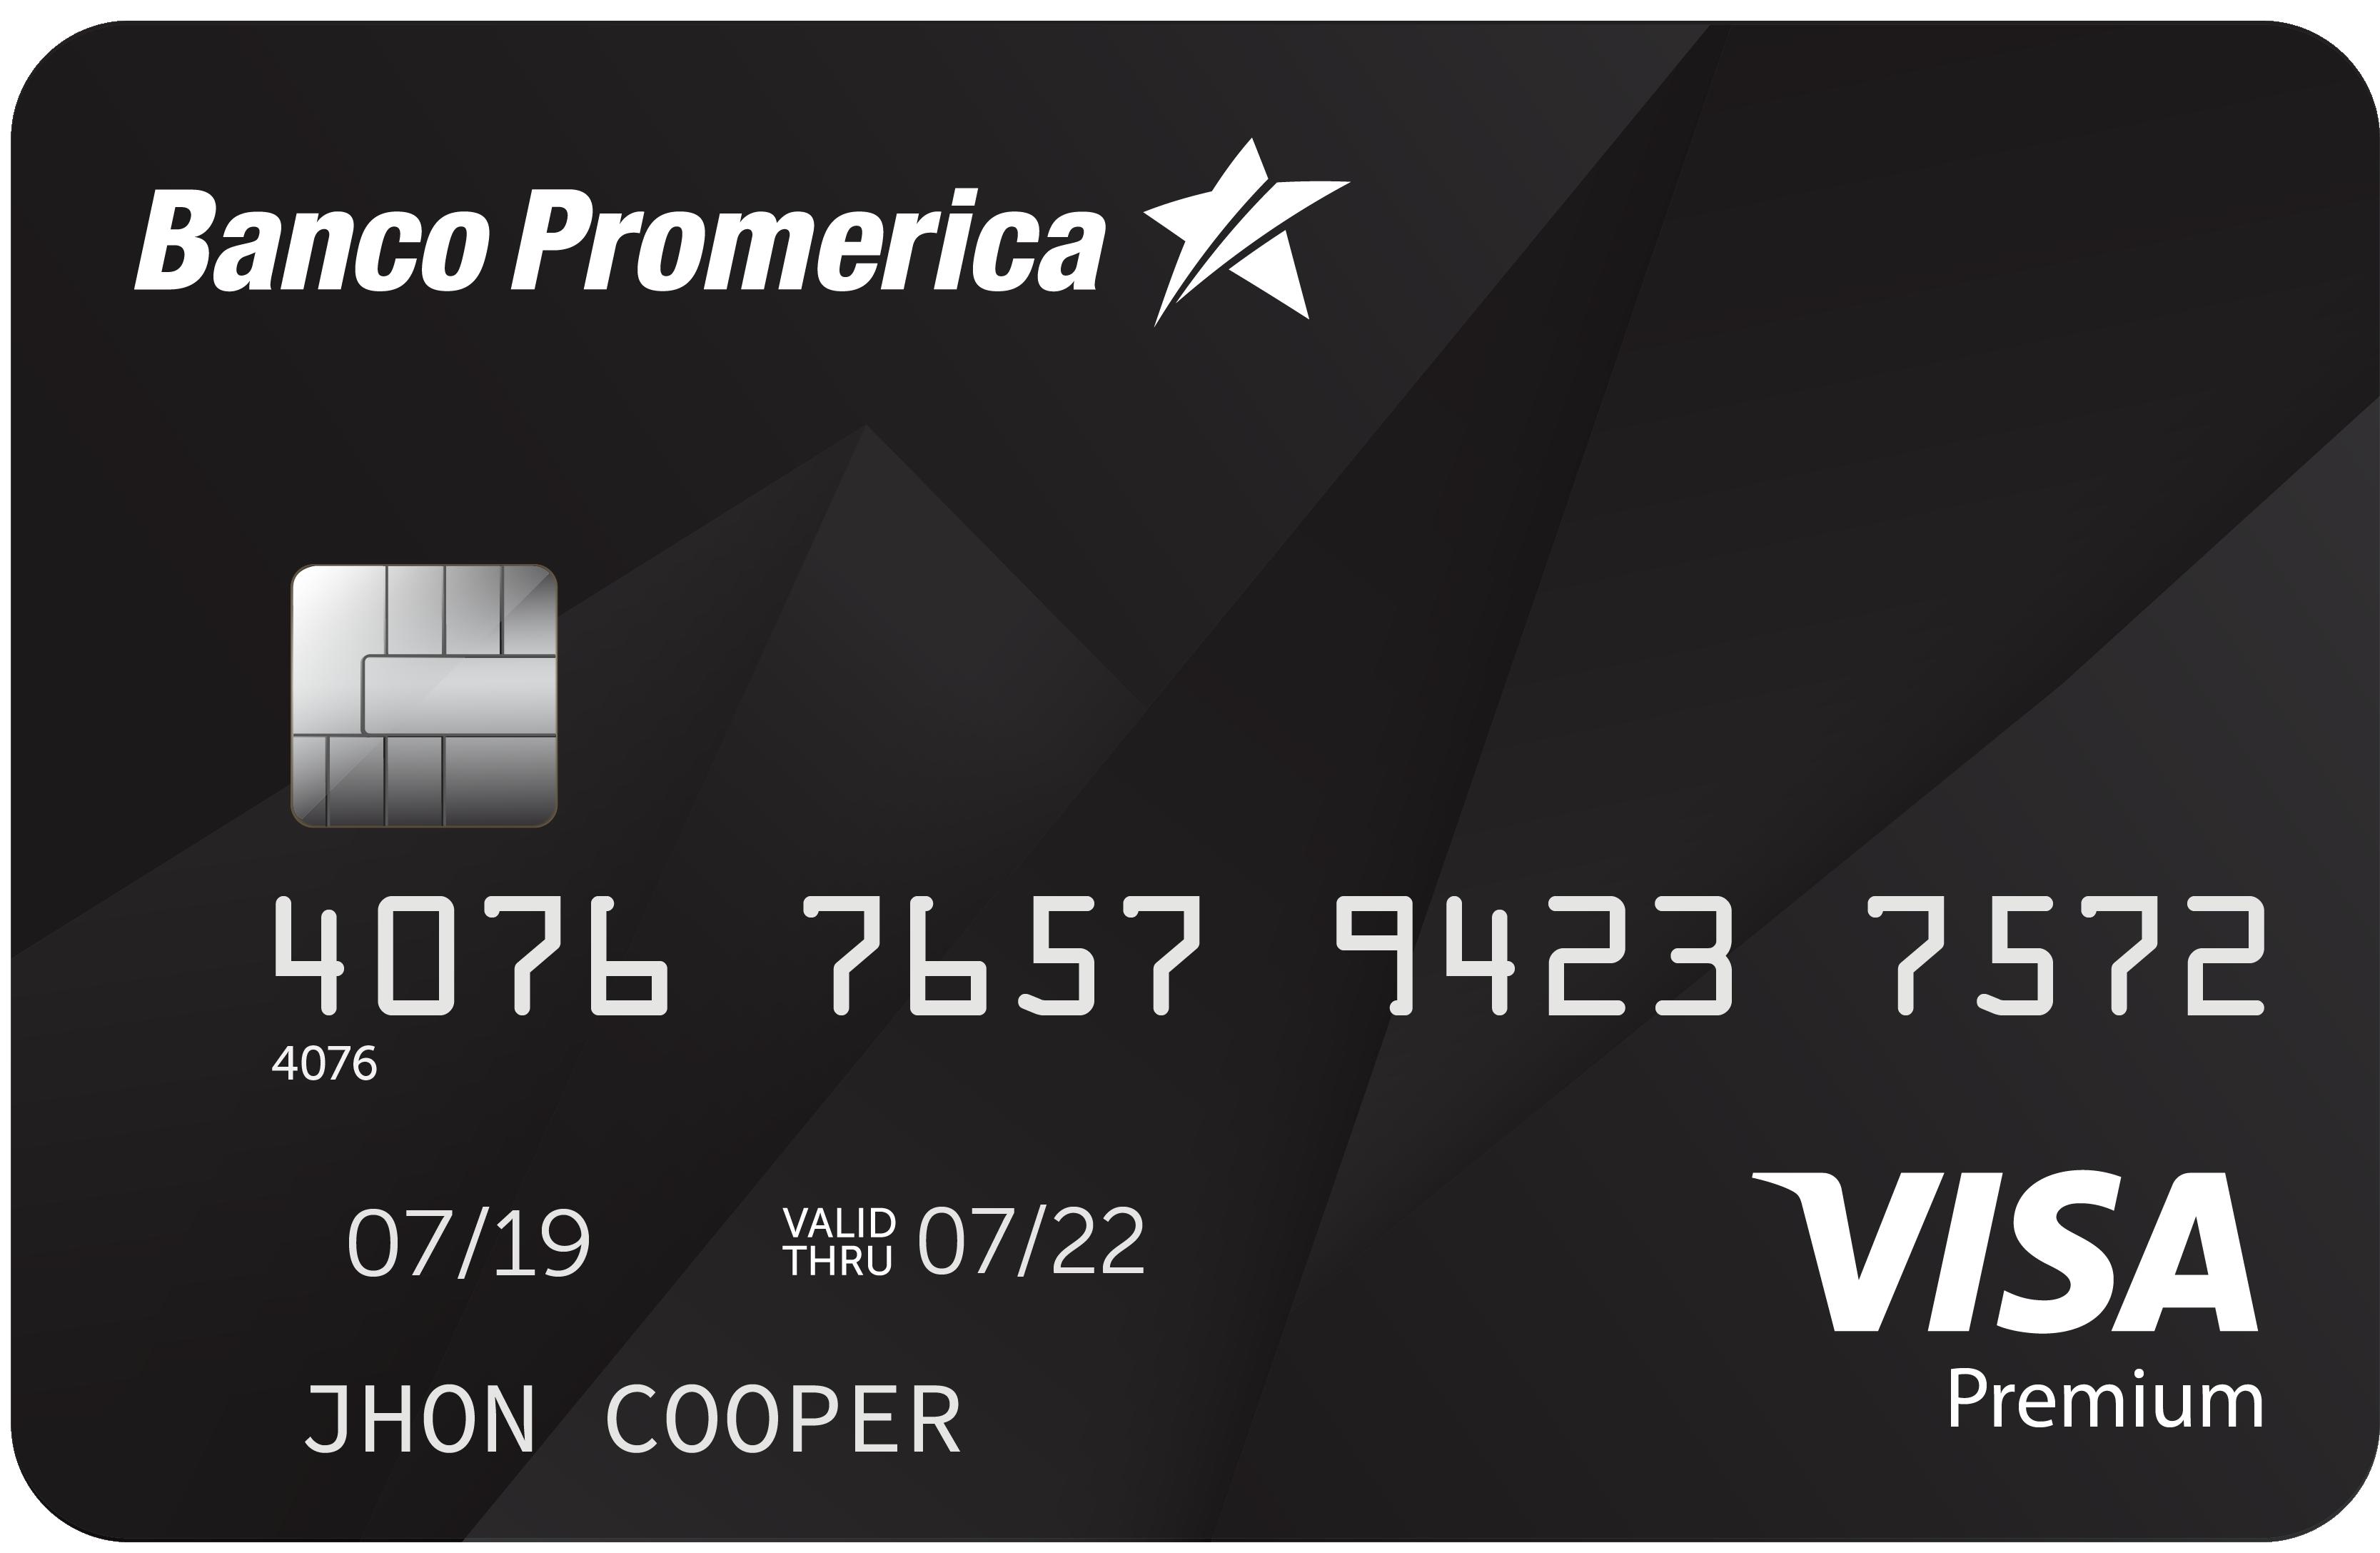 Visa Platinum Premium